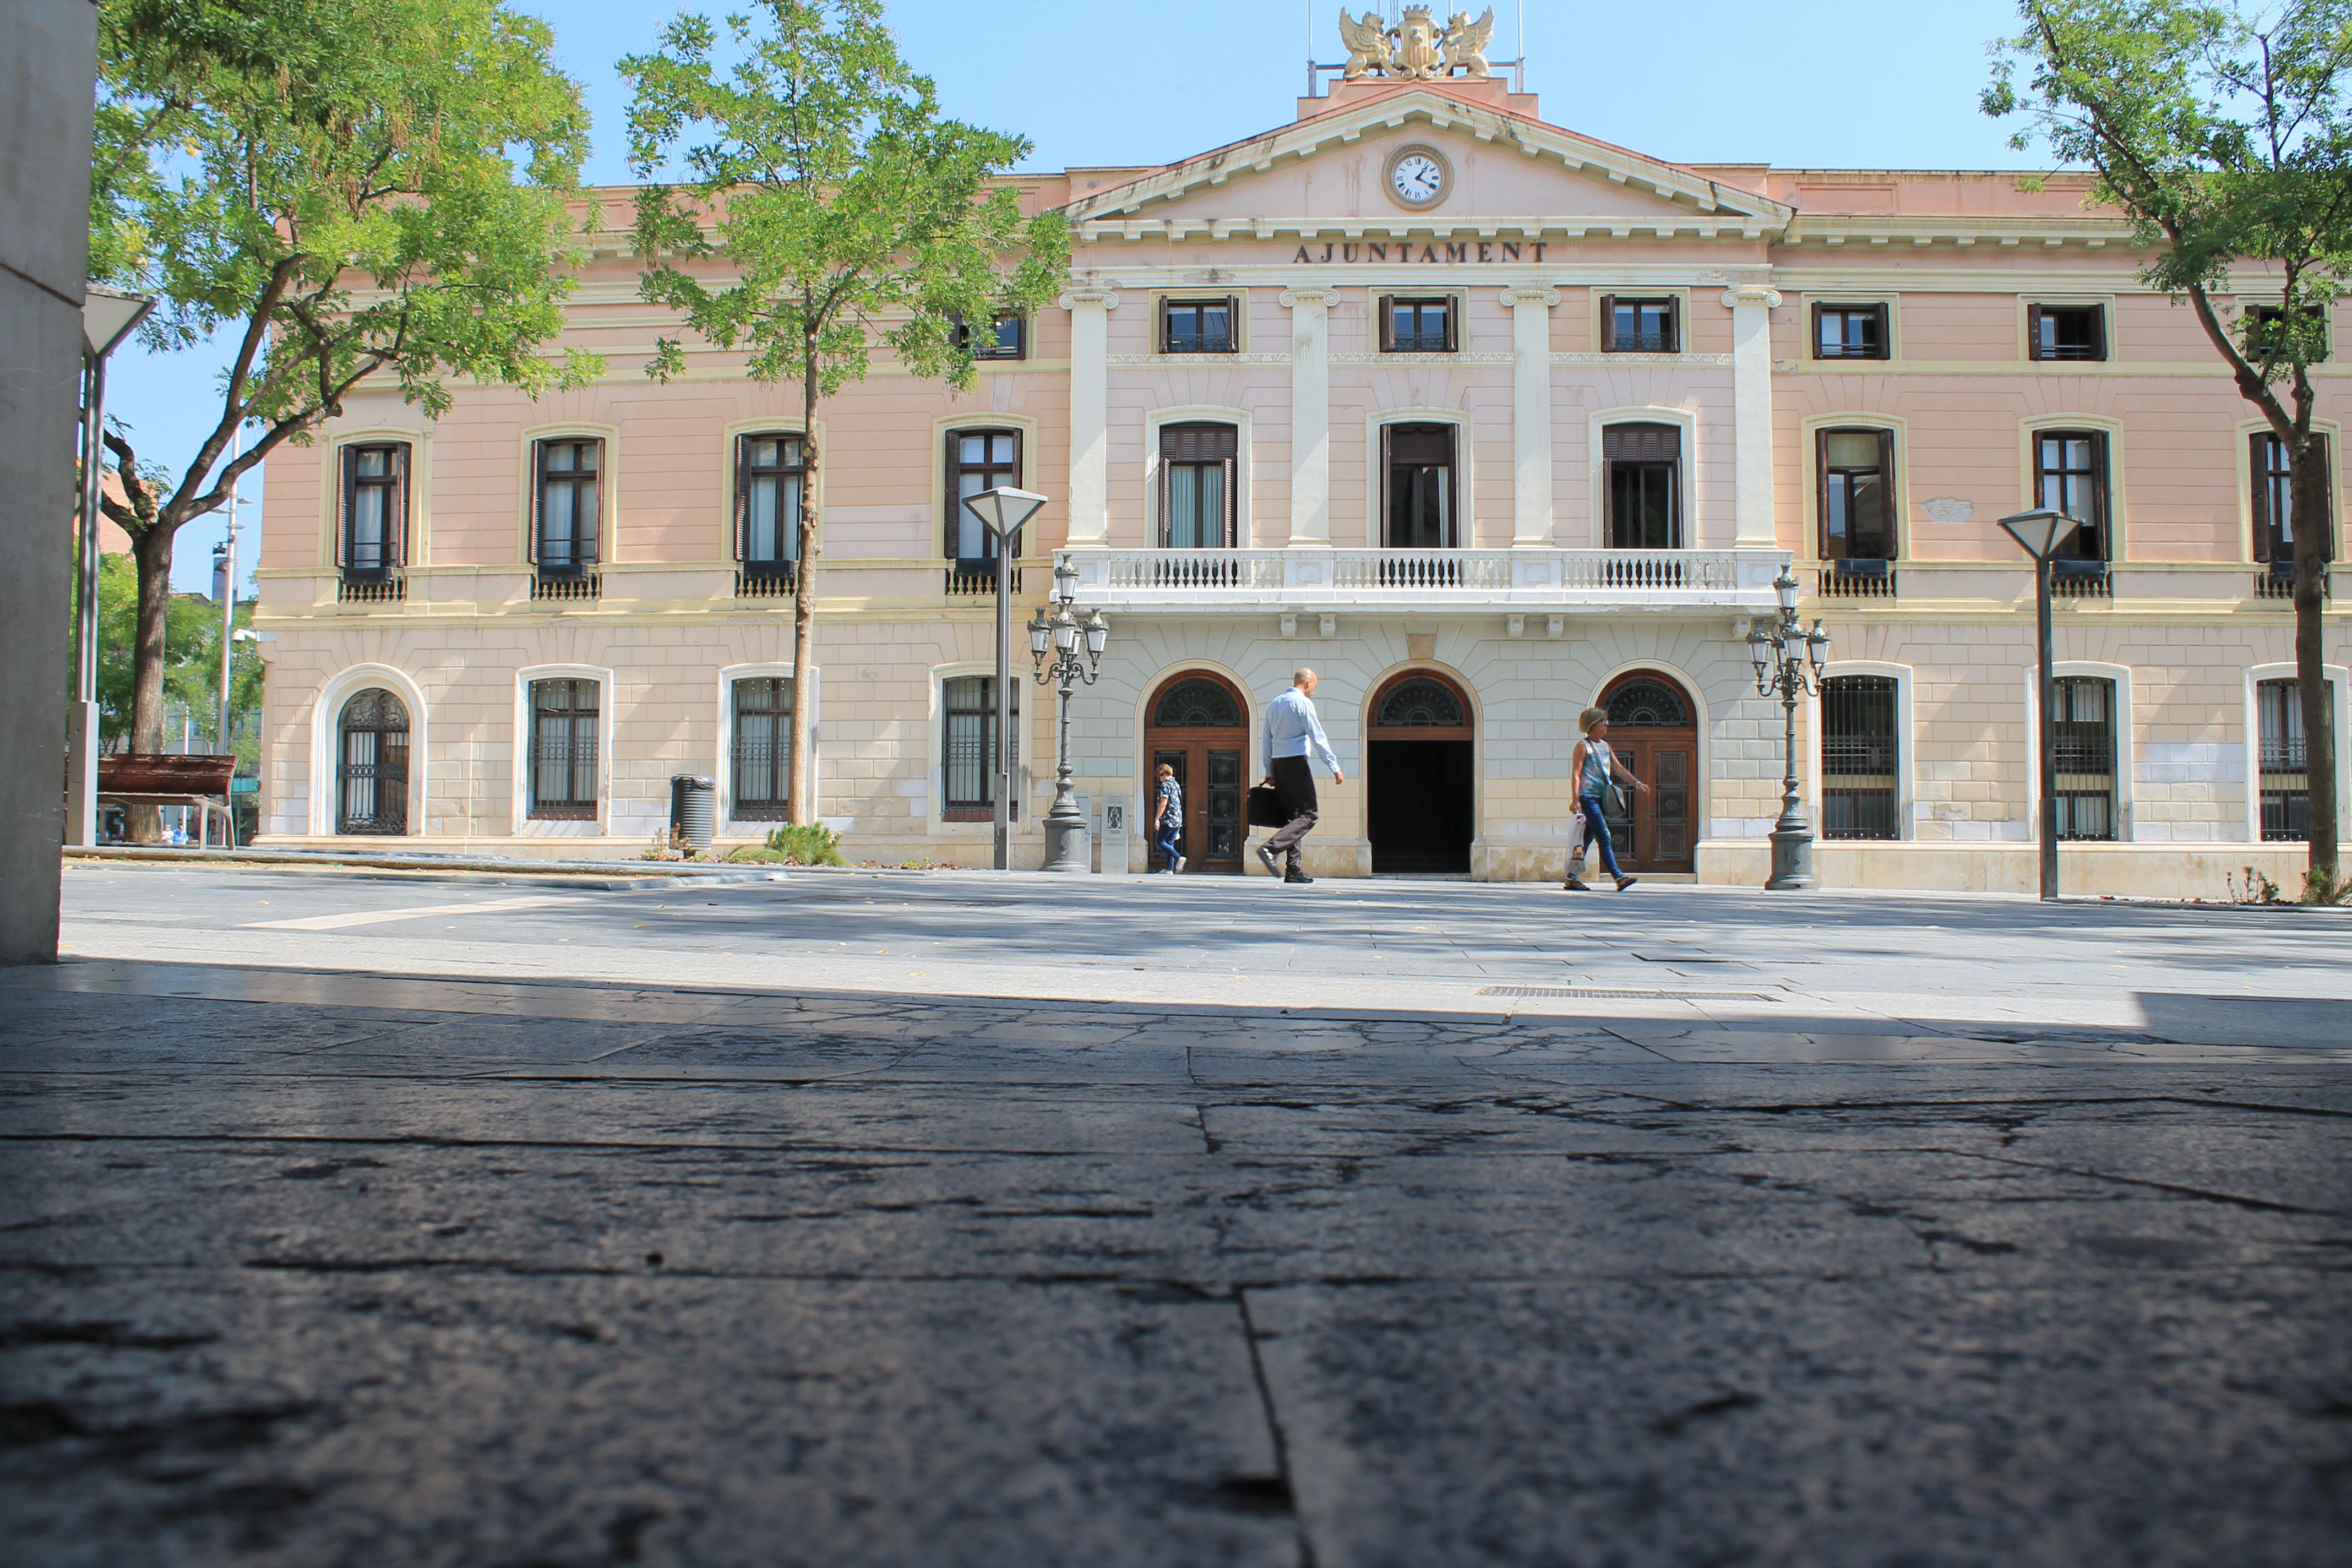 La Junta de Portaveus aprova una moció per col·locar la bandera republicana a la façana de l'Ajuntament